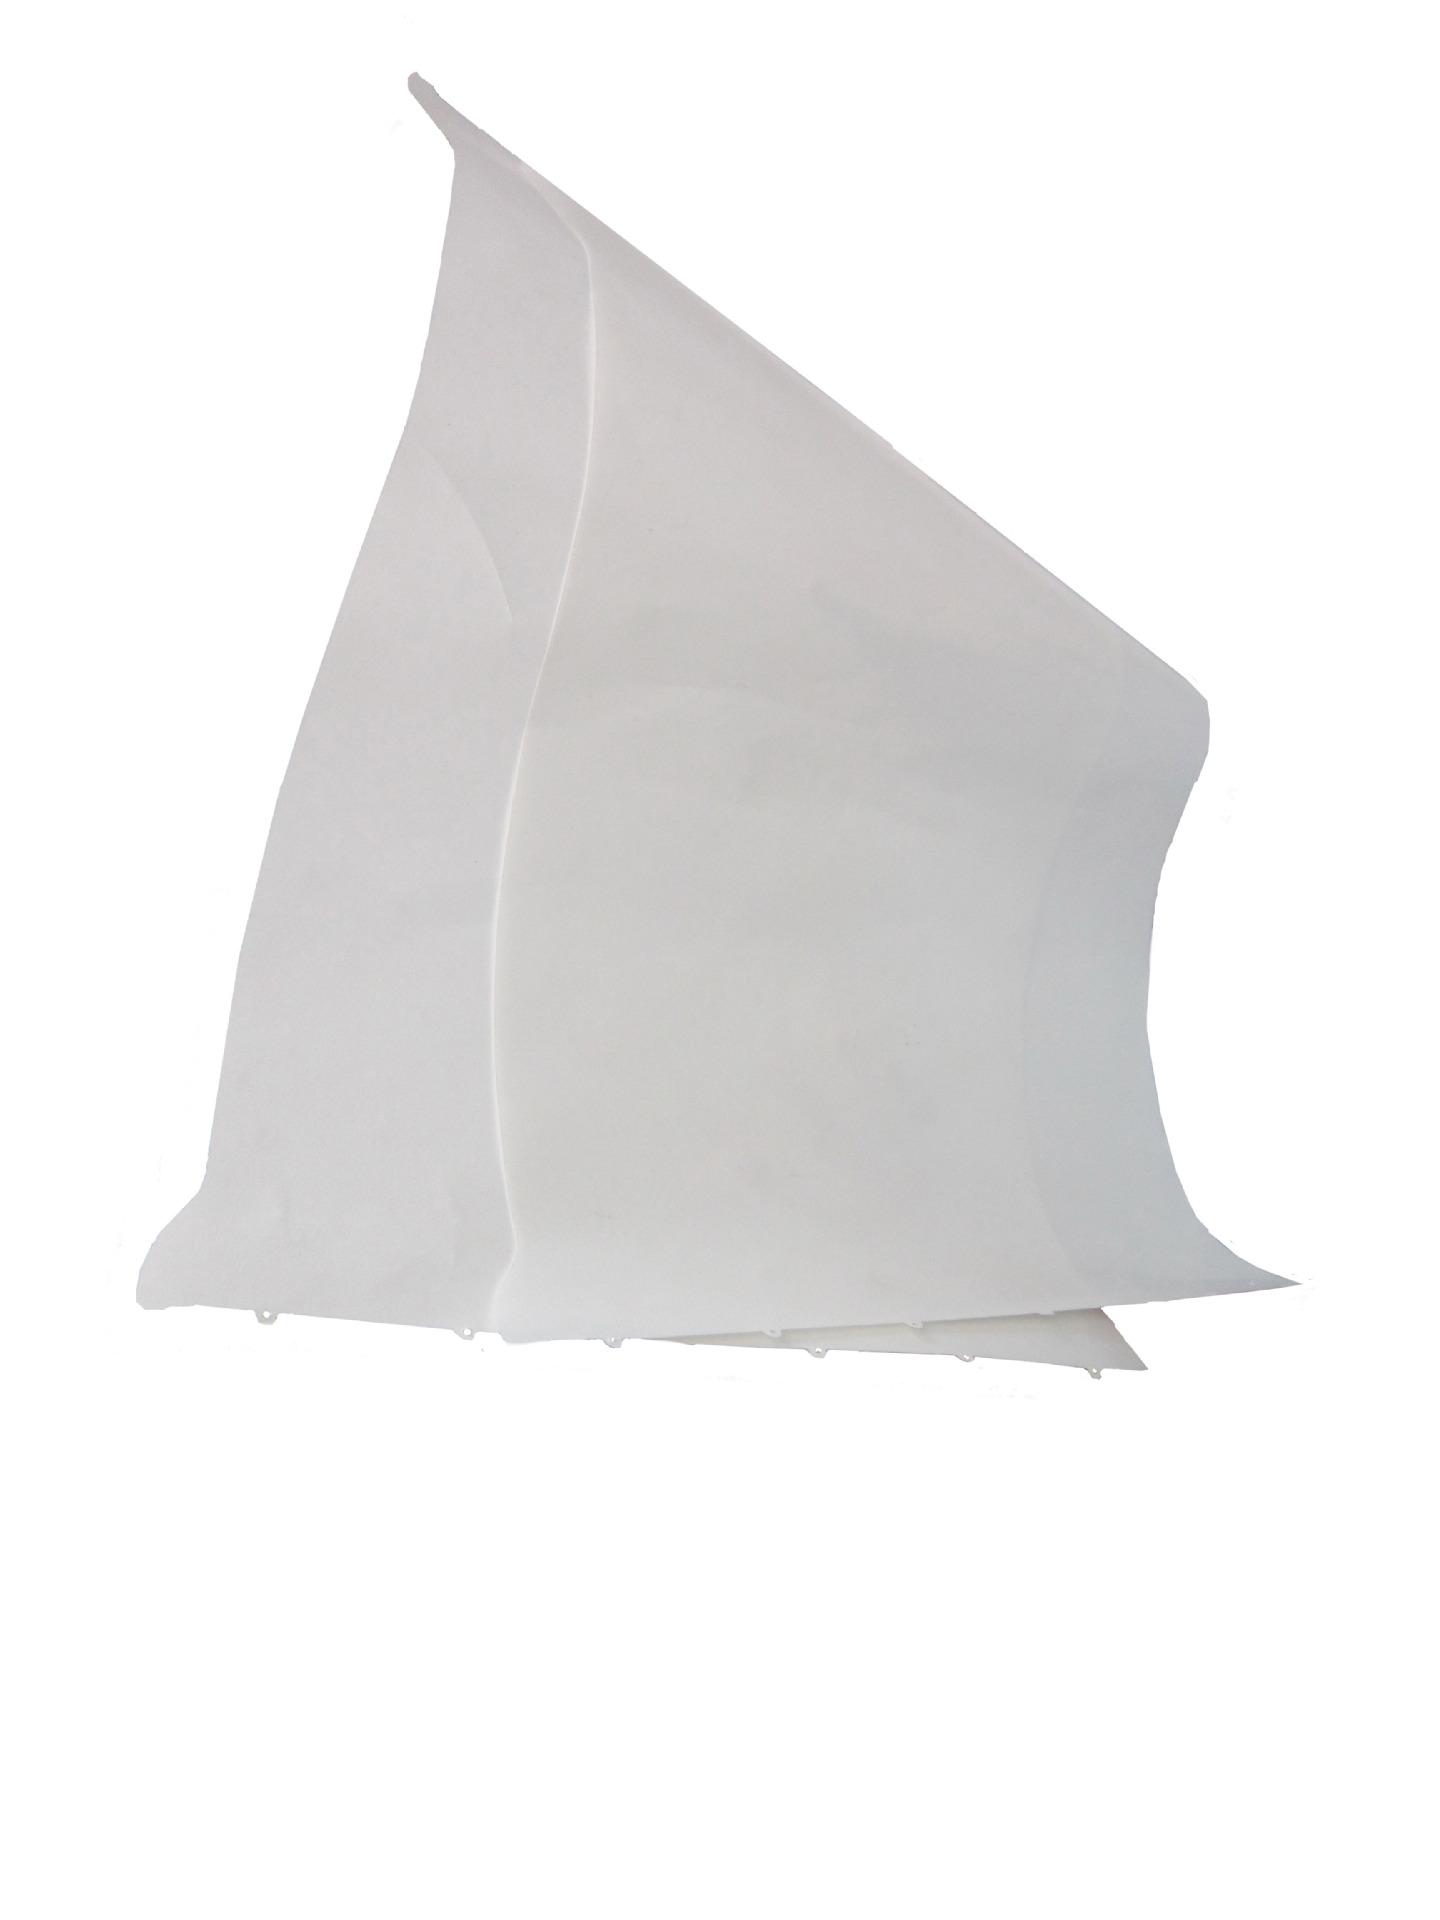 奶制品行业分离浓缩专/用反渗透膜 卫生级卷式反渗透 美国进口高品质膜片 尺寸可定制